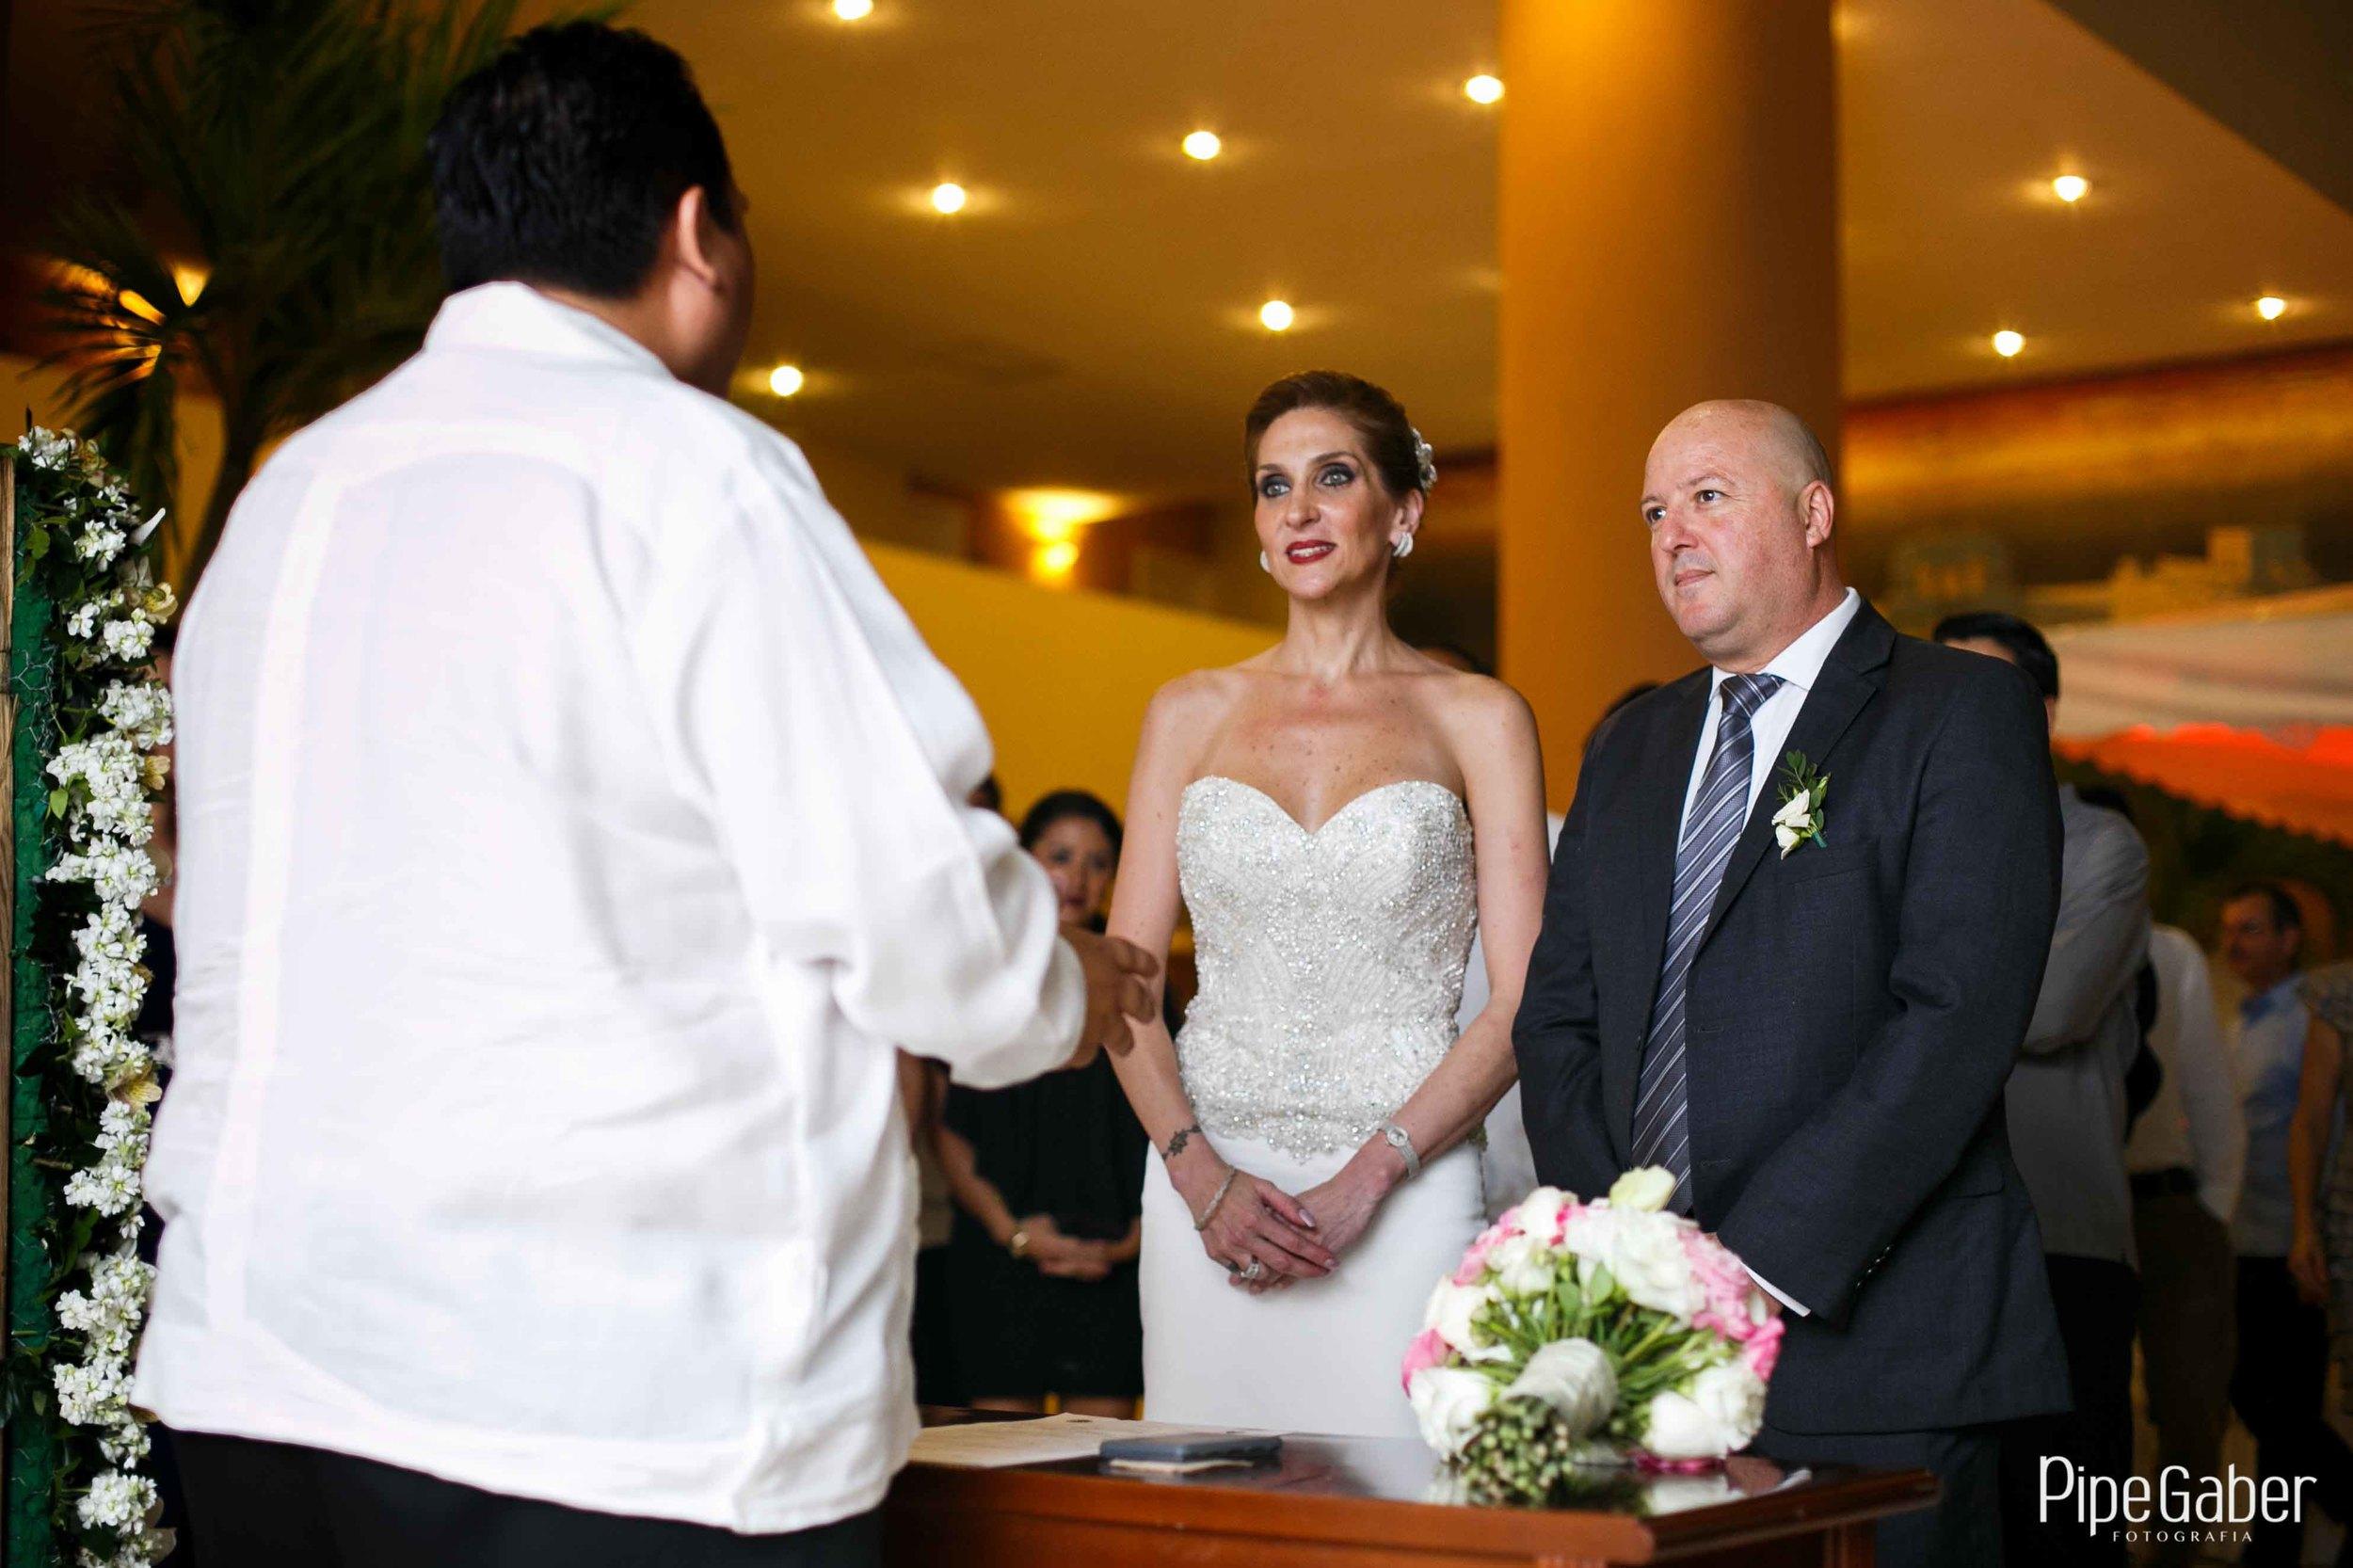 pipe_fotografo_yucatan_merida_boda_wedding_los_aluxes_hotel_photography_04.jpg